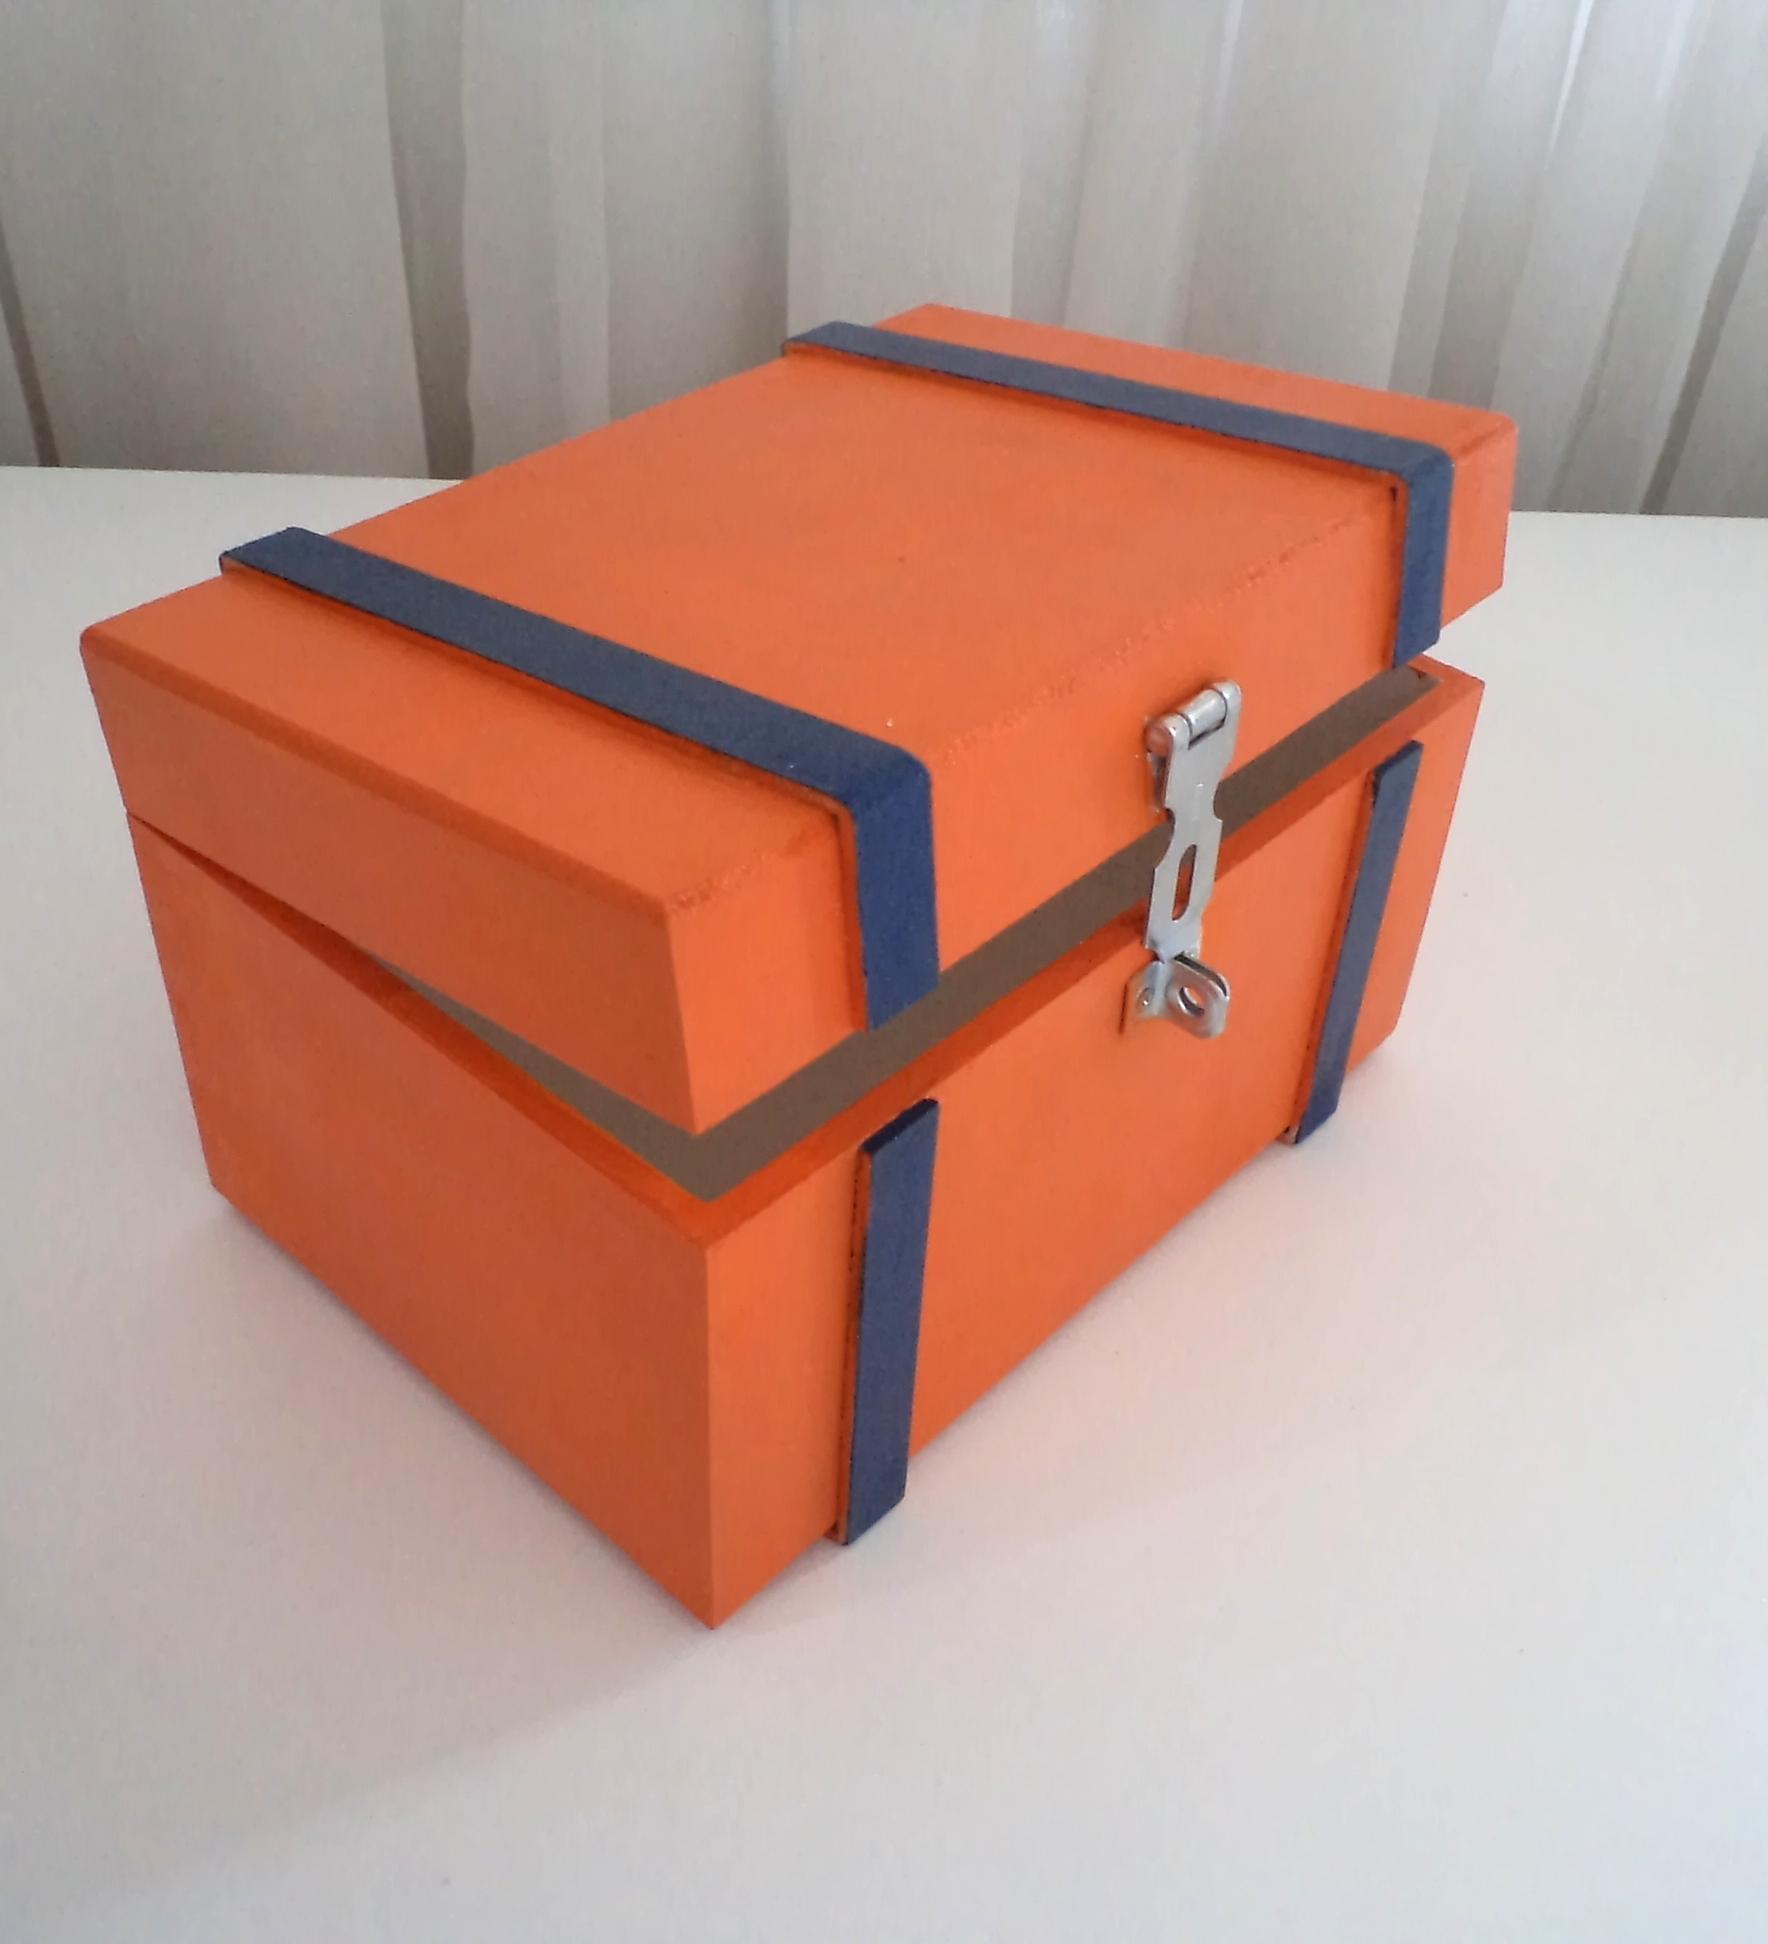 caixa com fecho para cadeado caixa com fecho para cadeado #AB4420 1768x1944